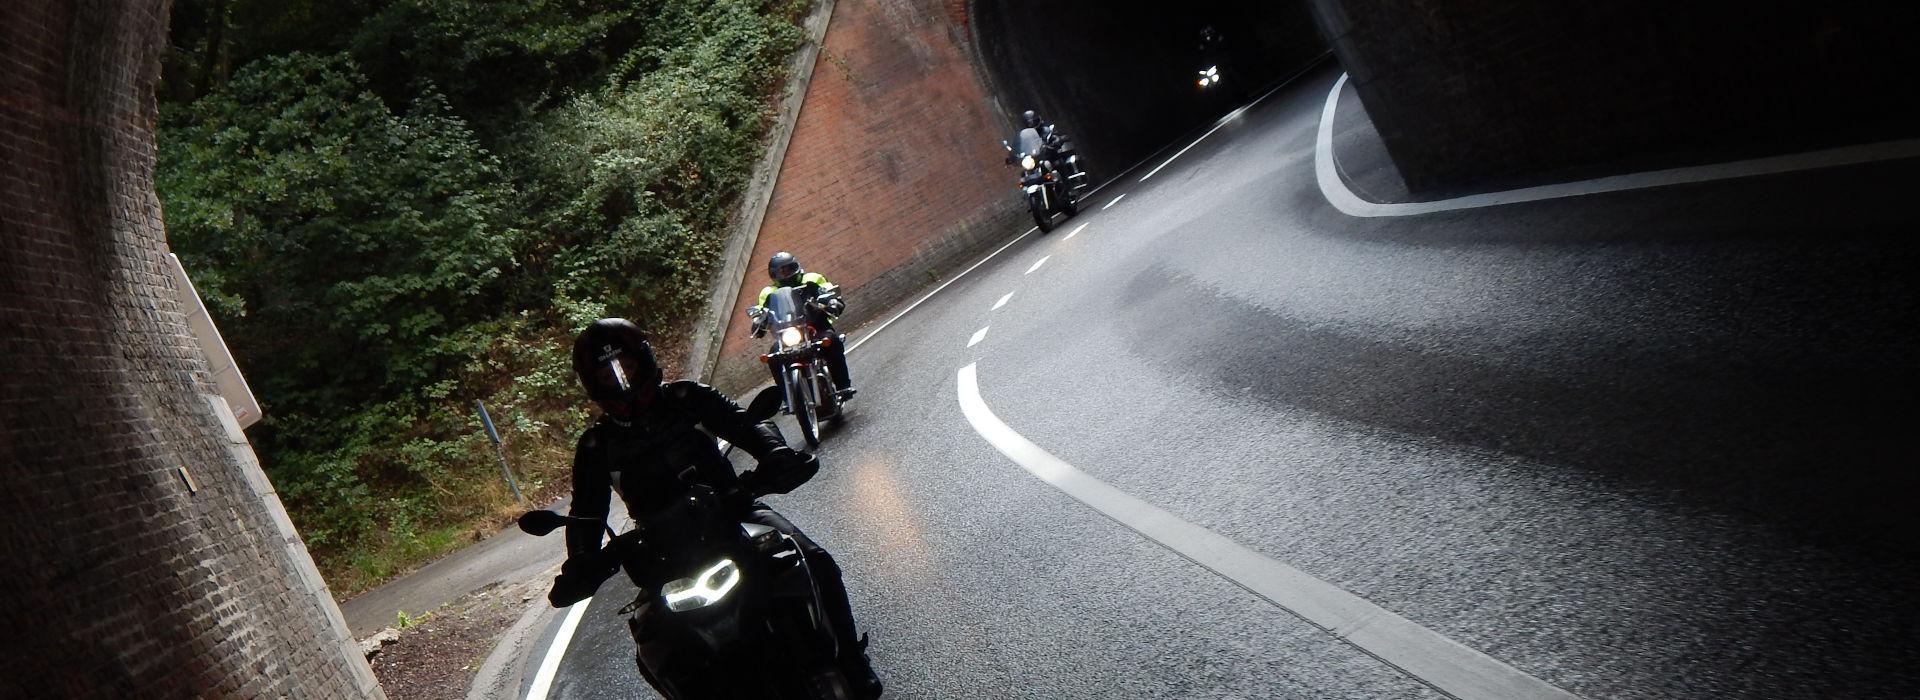 Motorrijbewijspoint Veenendaal snel motorrijbewijs halen